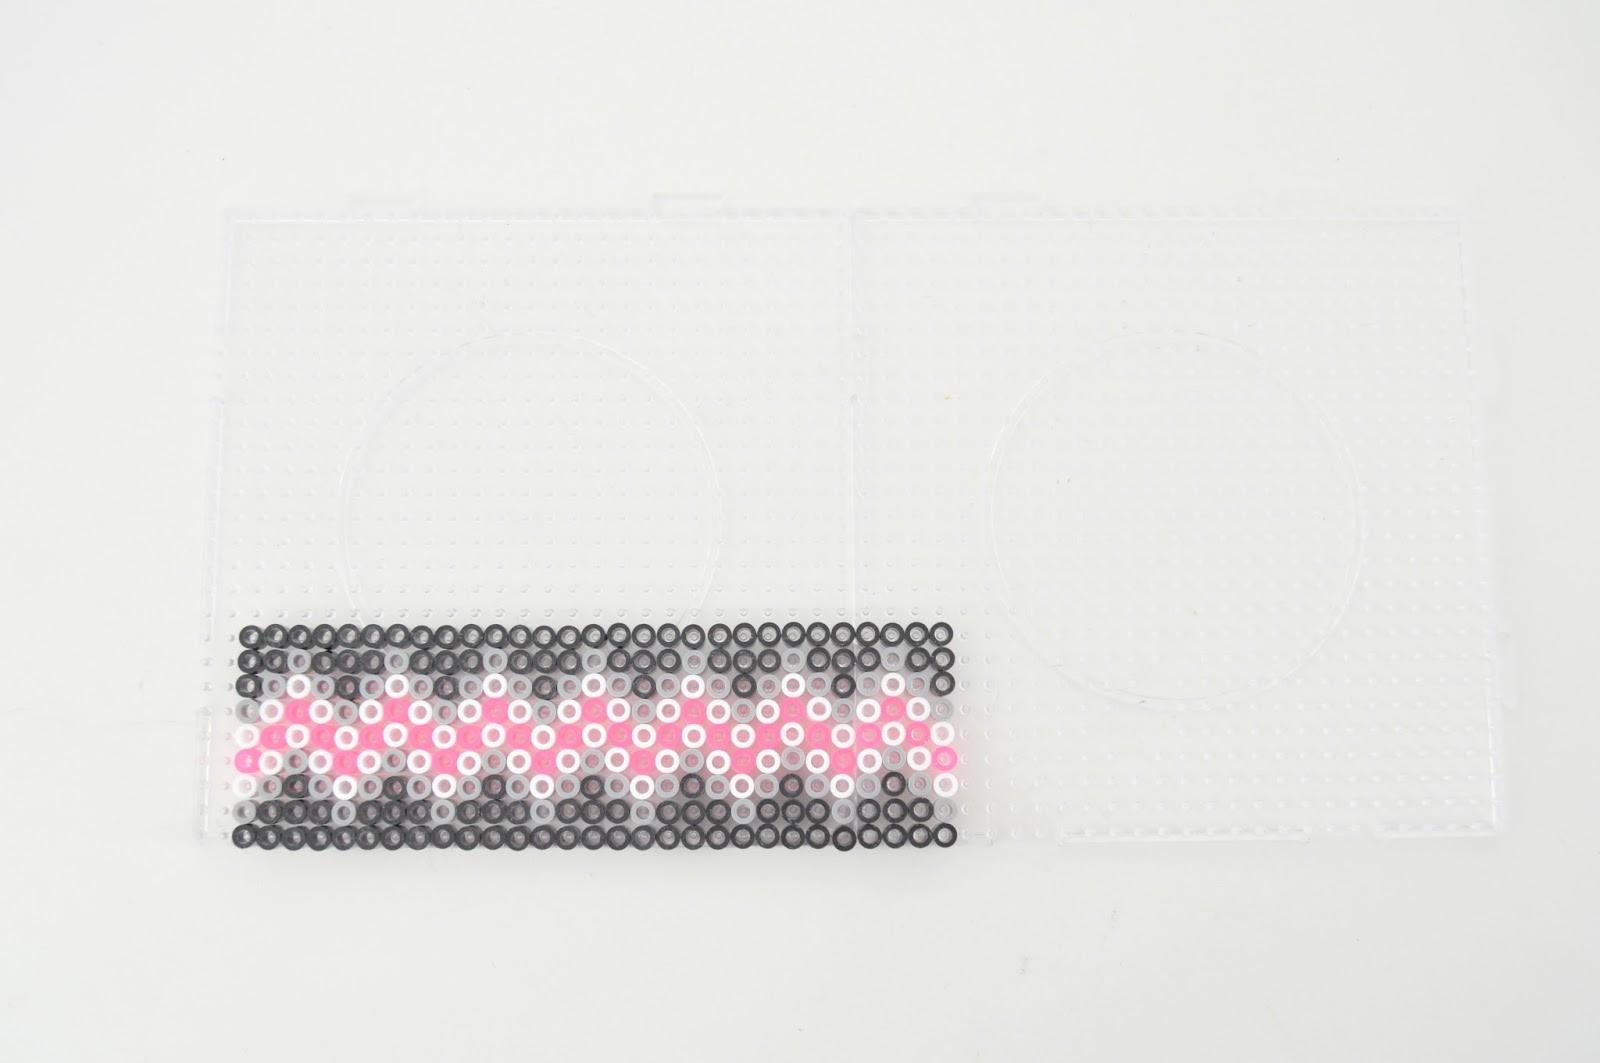 Ключница из perler beads-заполните пустоты черным бисером